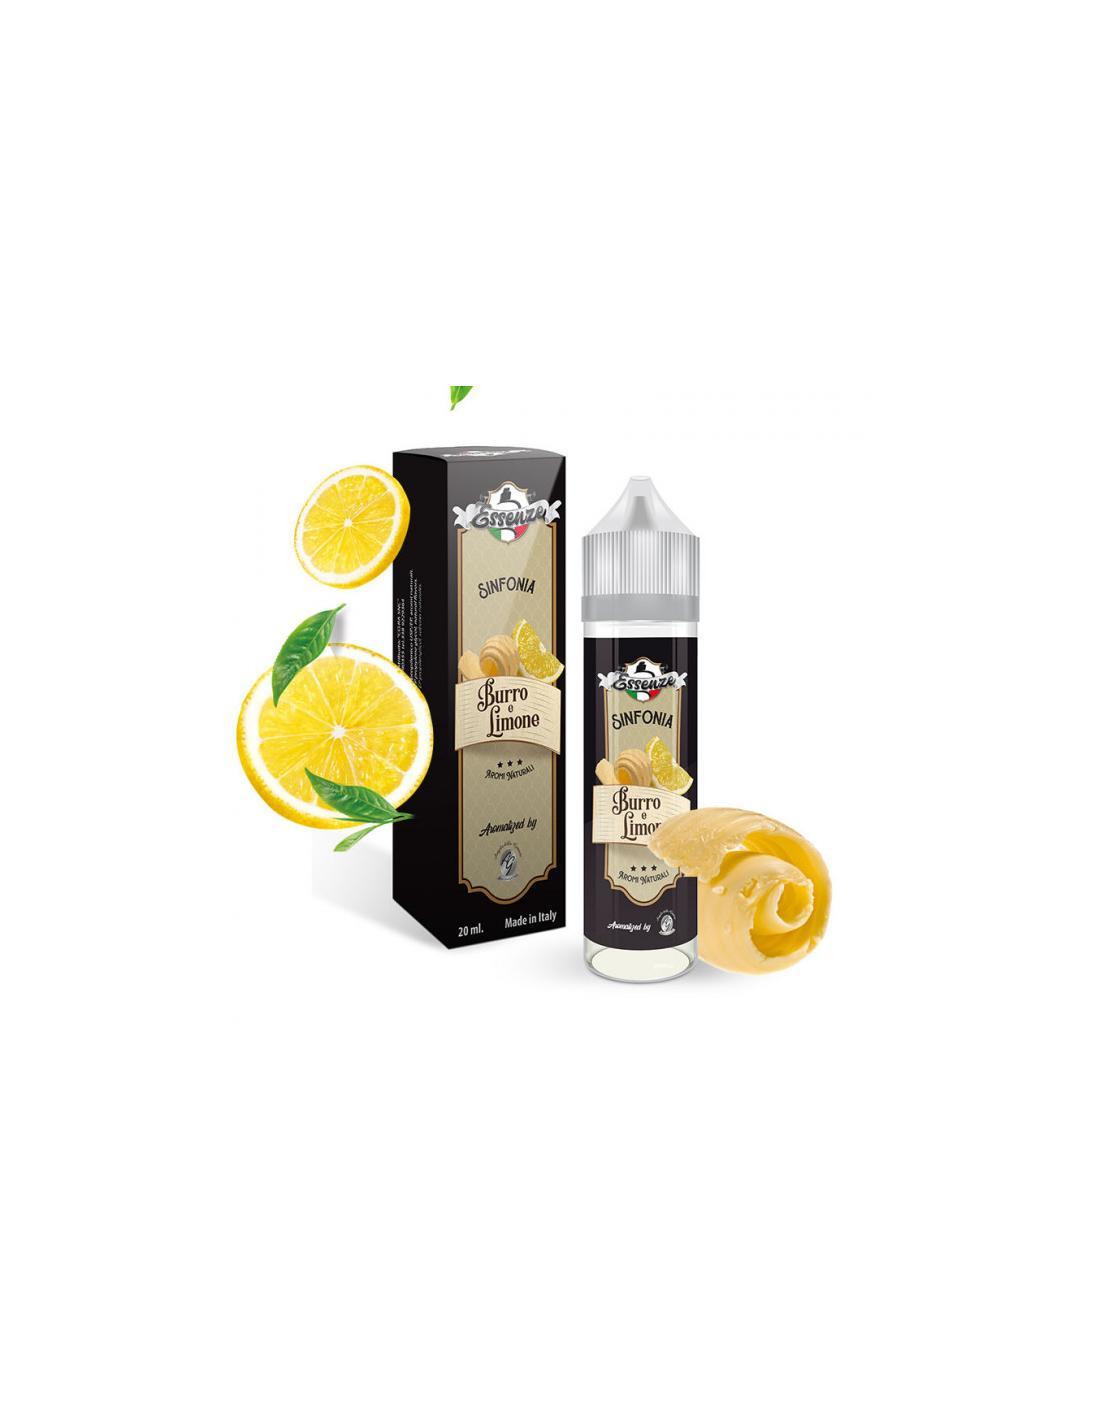 Angolo di Guancia Sinfonia Liquido Adg Essenze 20 Ml Aroma Burro E Limone